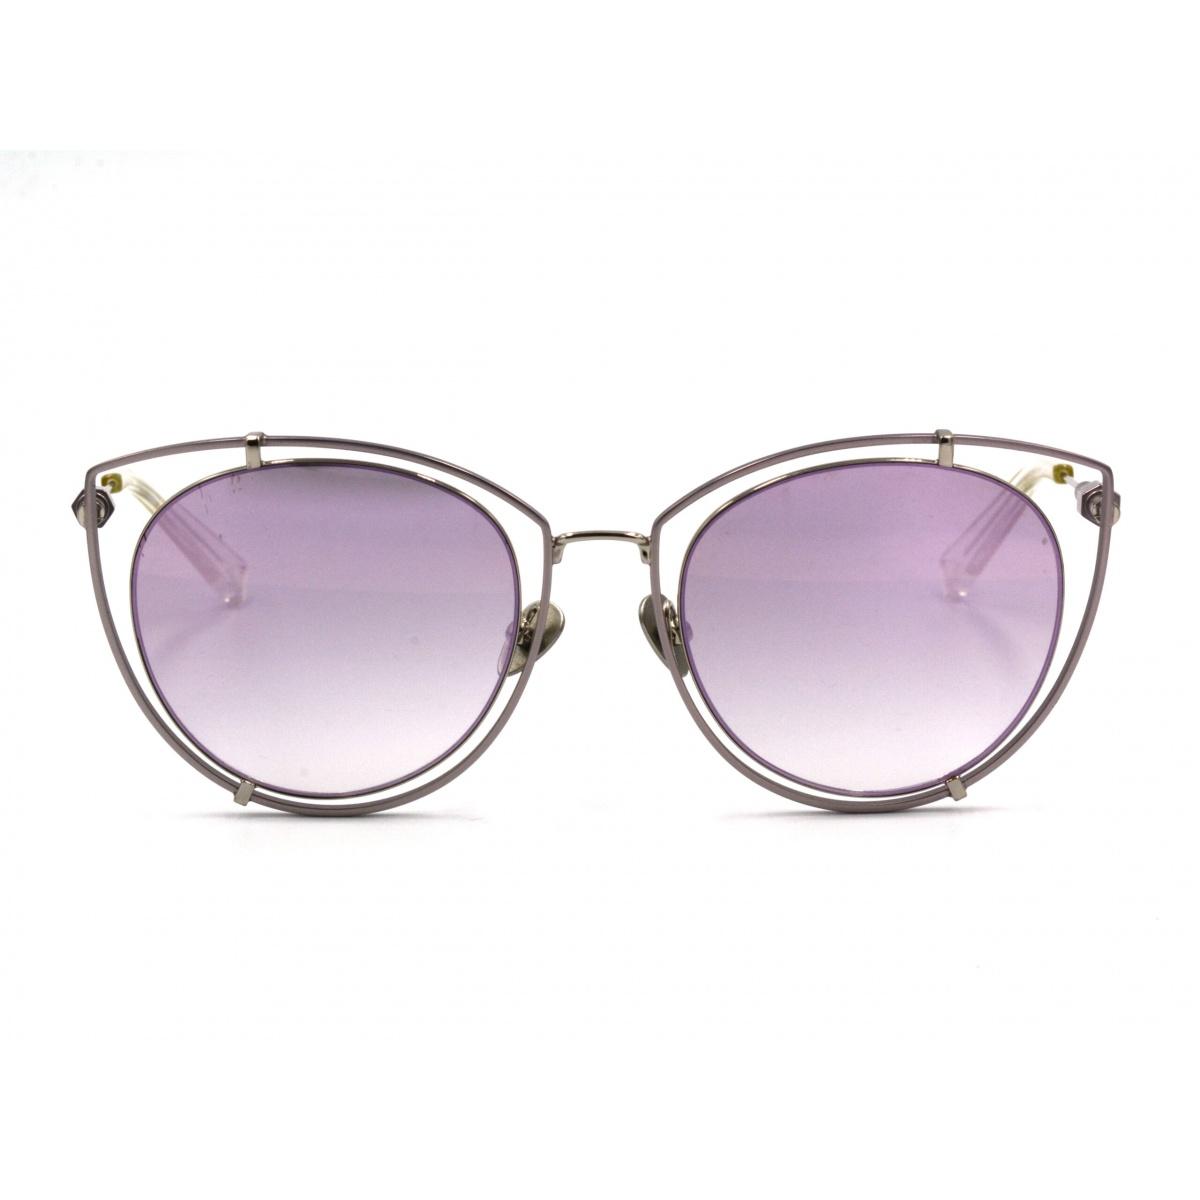 Γυαλιά ηλίου HAZE COLLECTION NEW YORK VYT-4PU 52-22-145